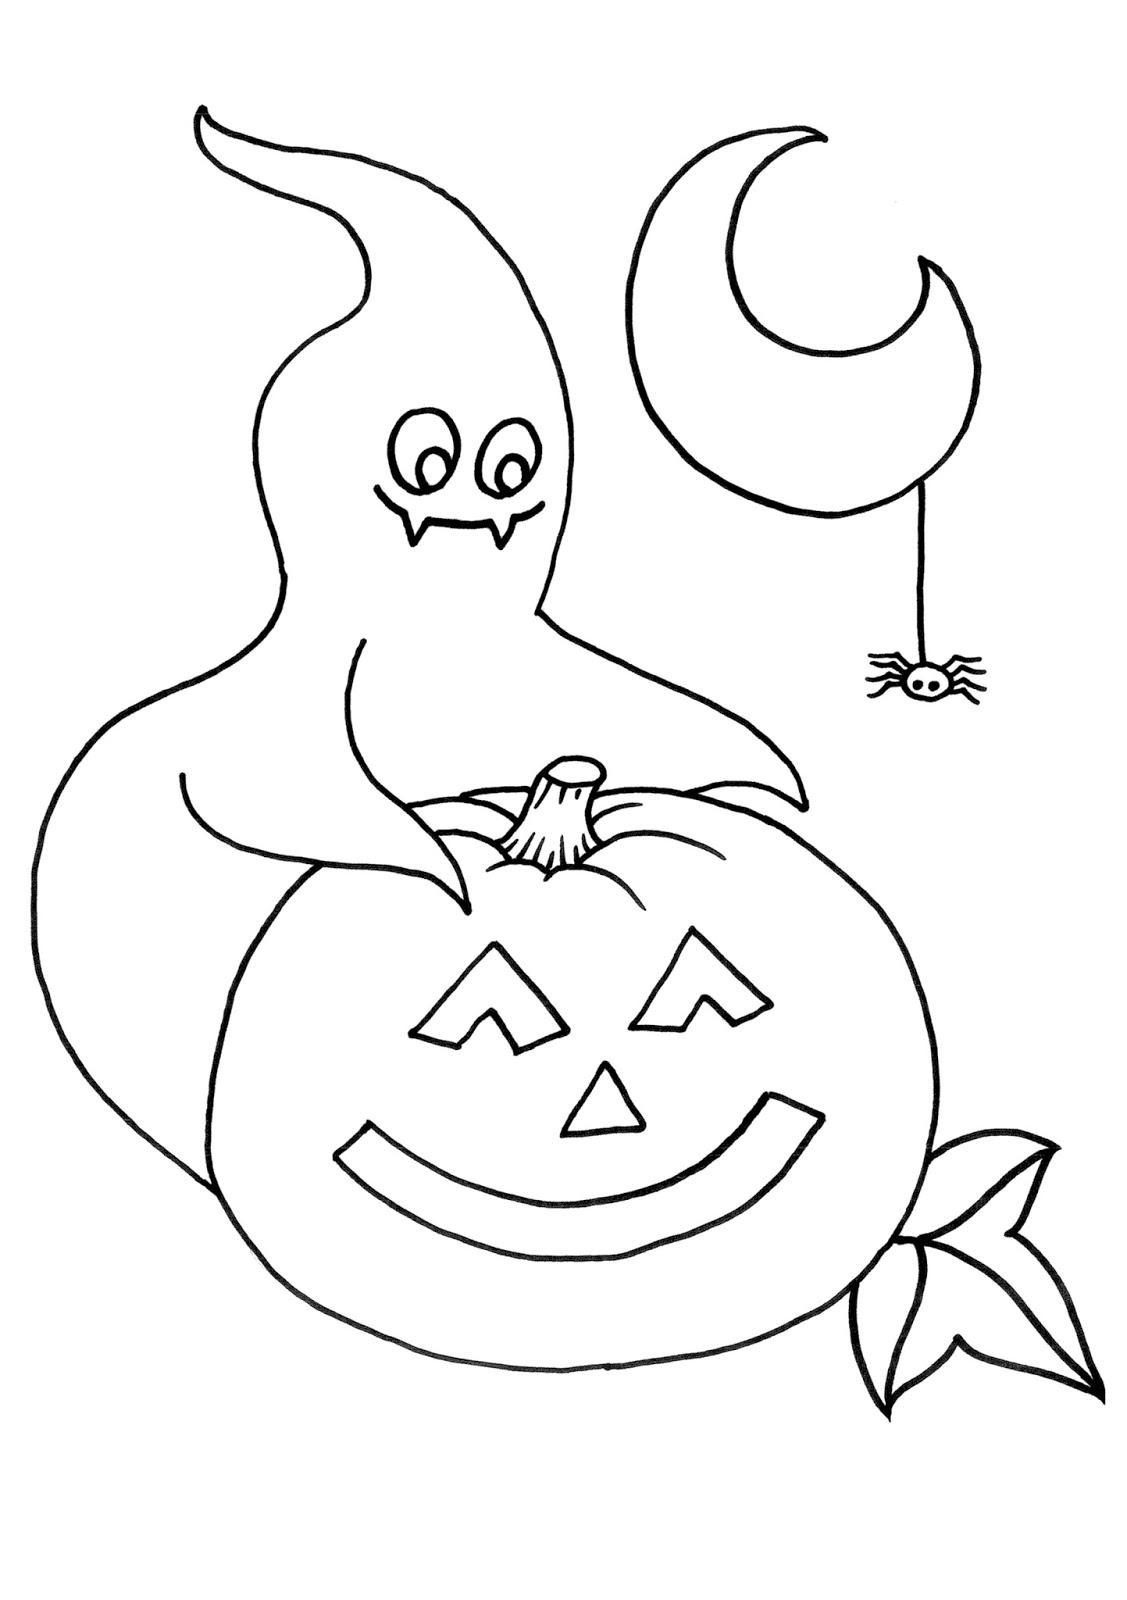 Banco de Imagenes y fotos gratis: Dibujos de Halloween para Pintar 8